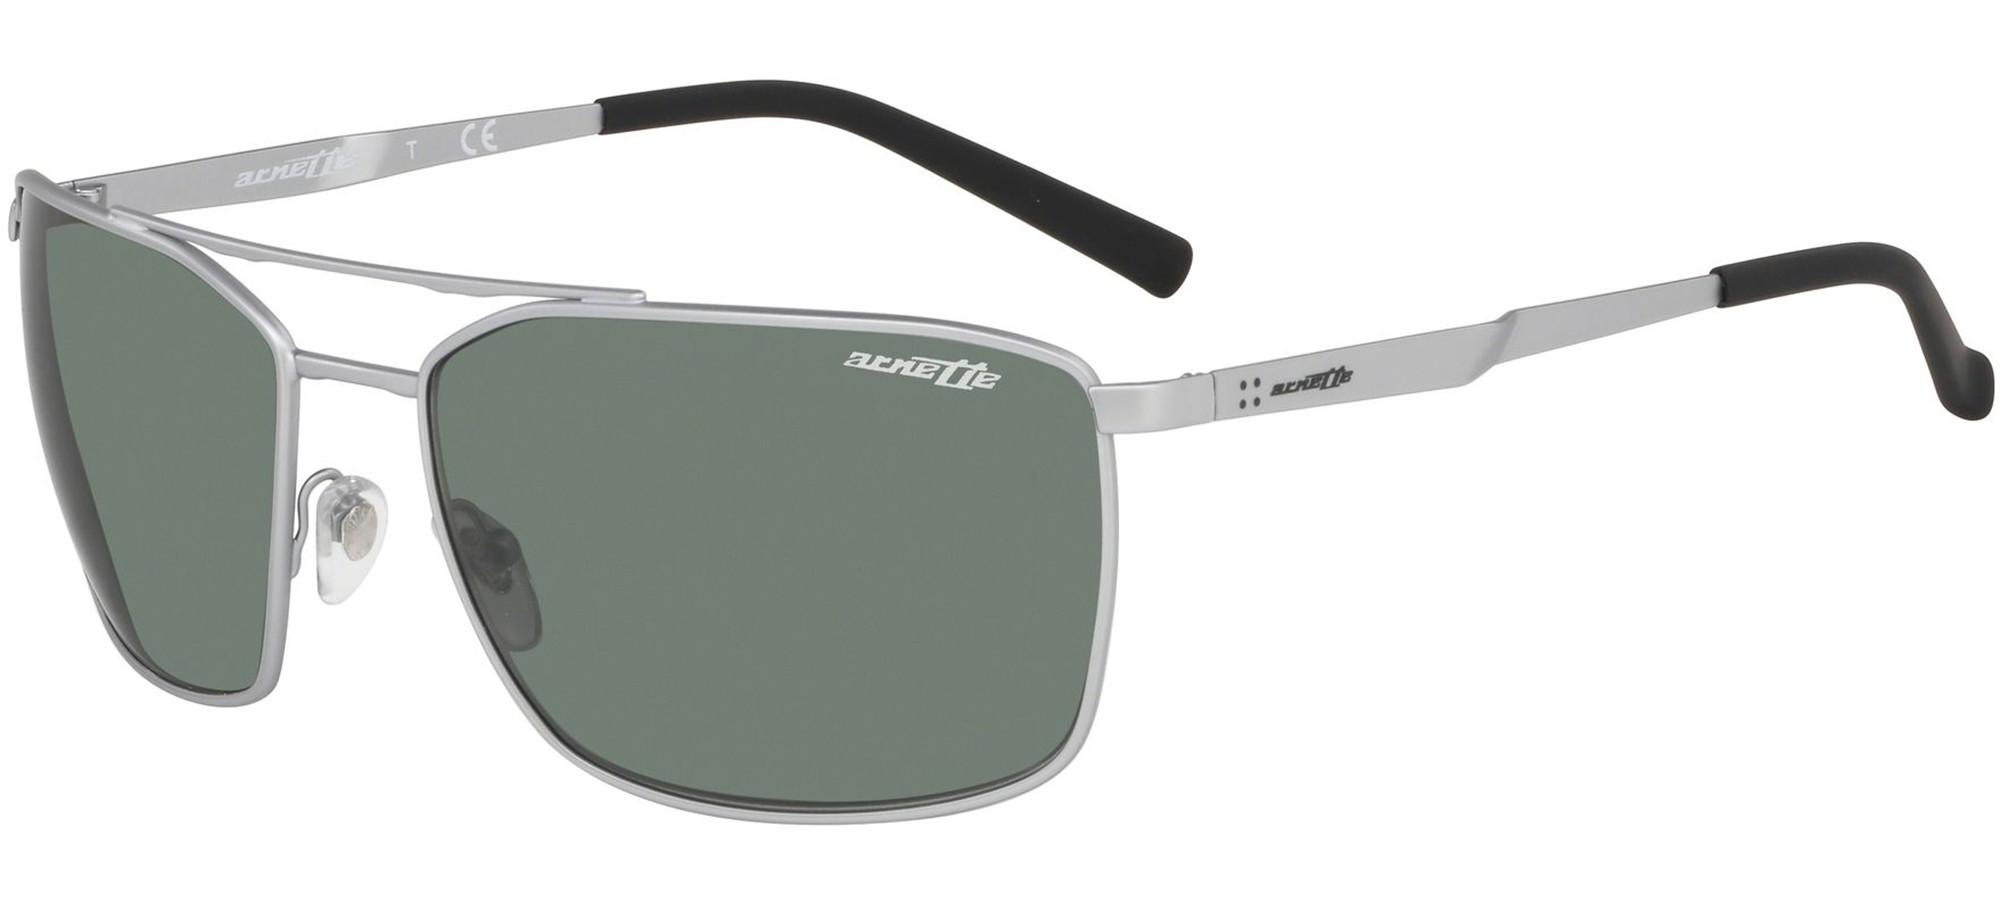 Arnette solbriller MABONENG AN 3080